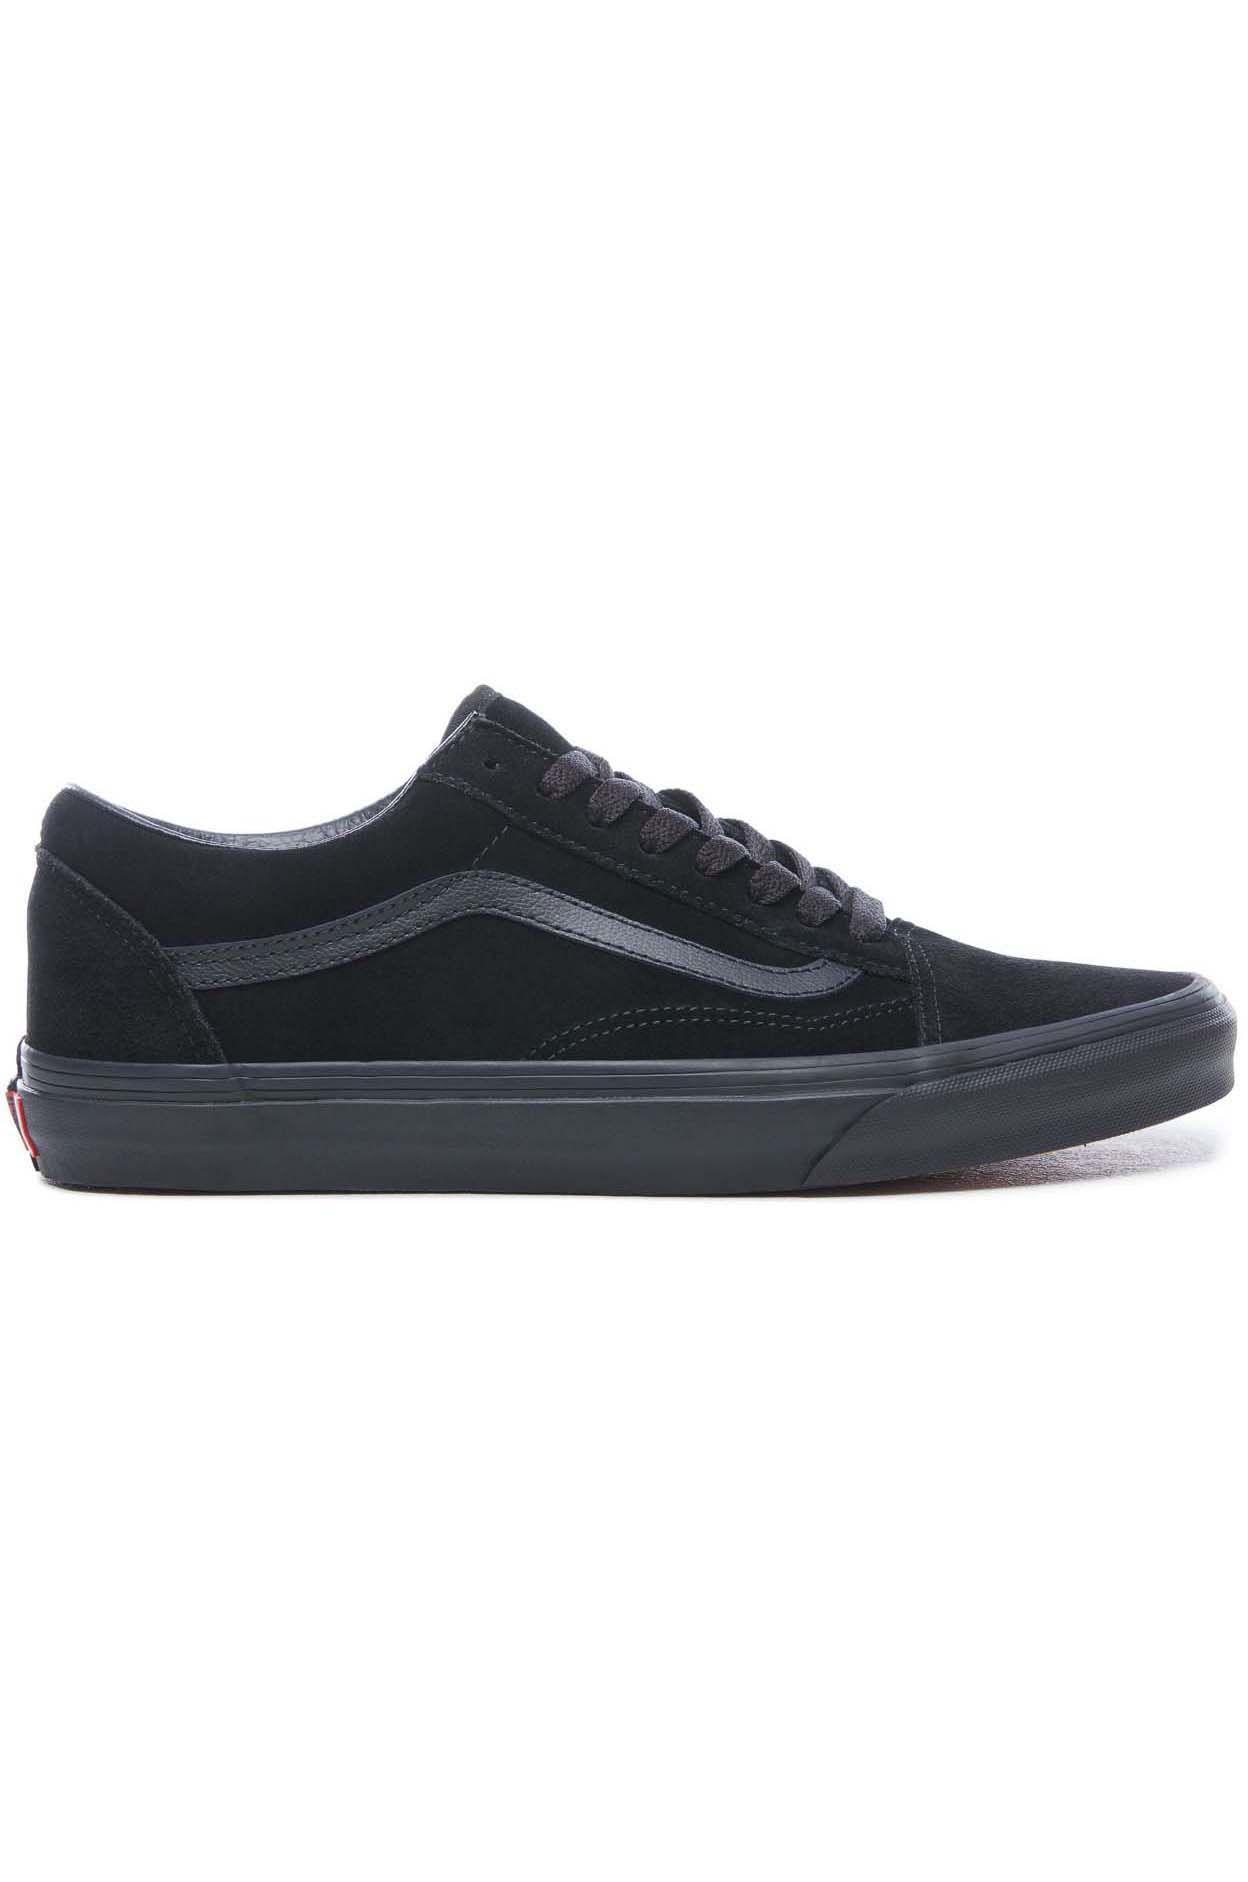 Tenis Vans OLD SKOOL (Suede) Black/Black/Black